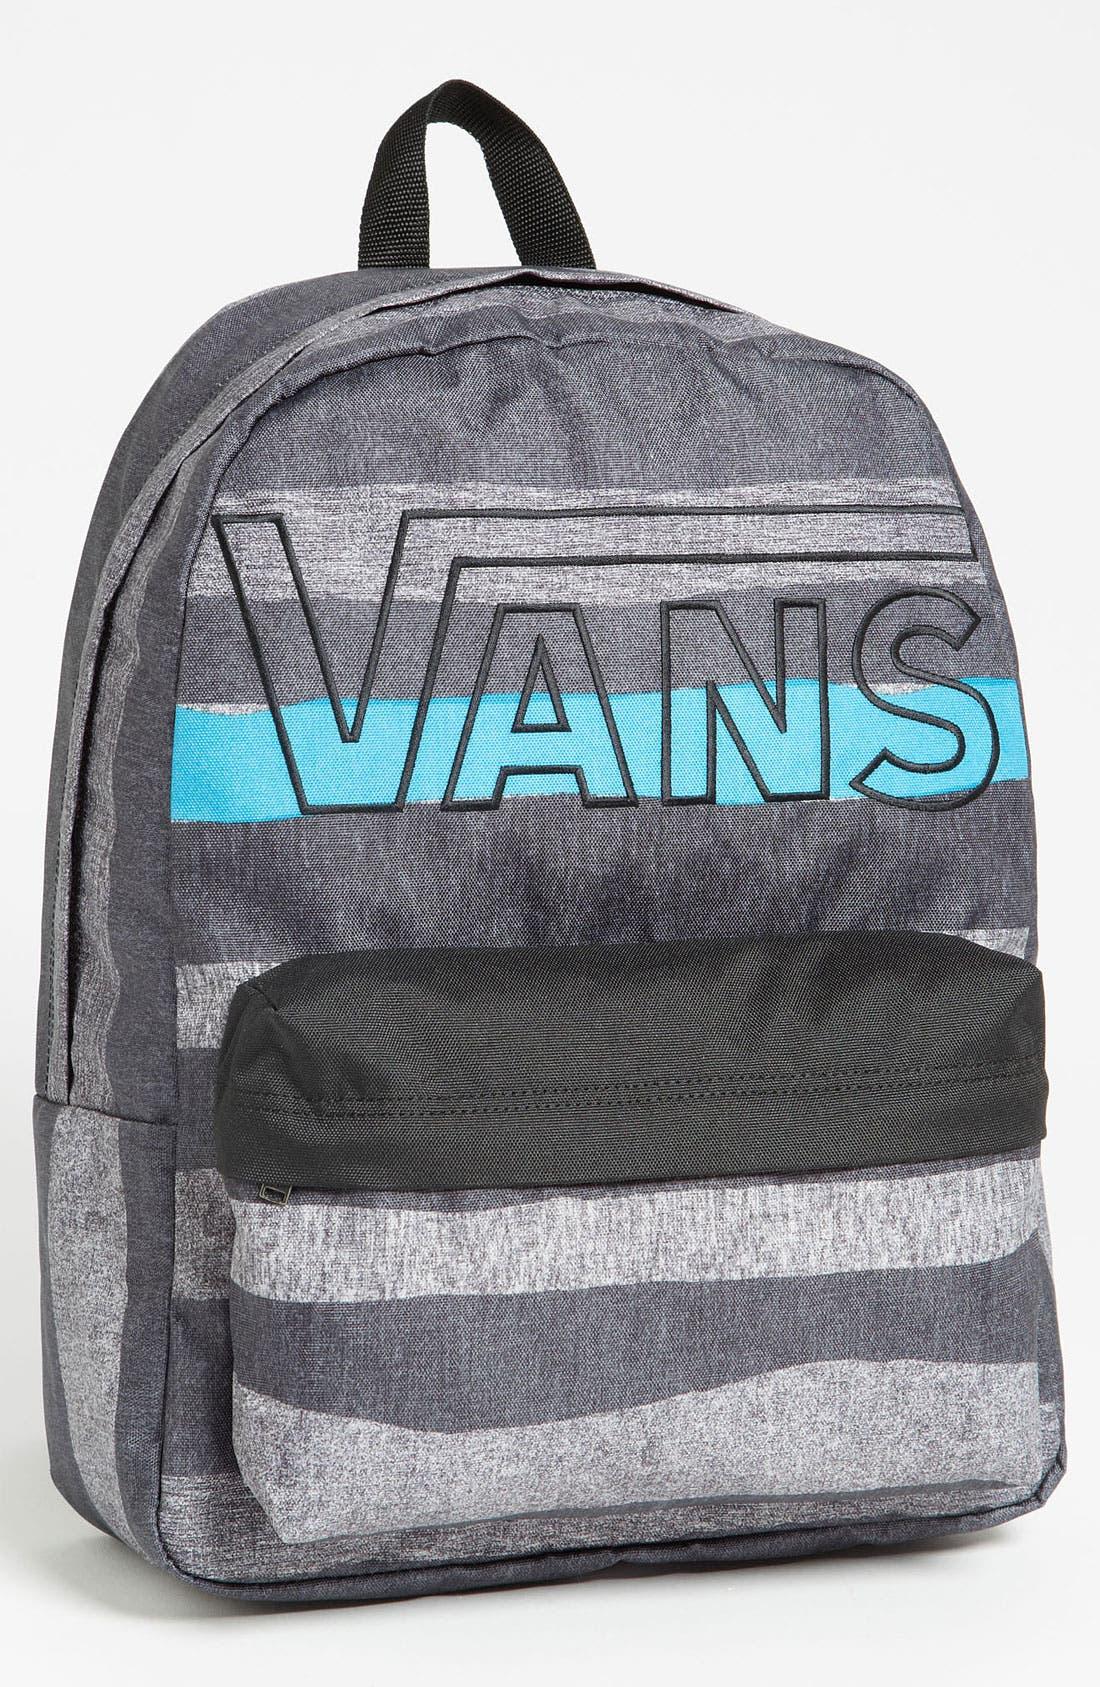 Alternate Image 1 Selected - Vans 'Old Skool II' Backpack